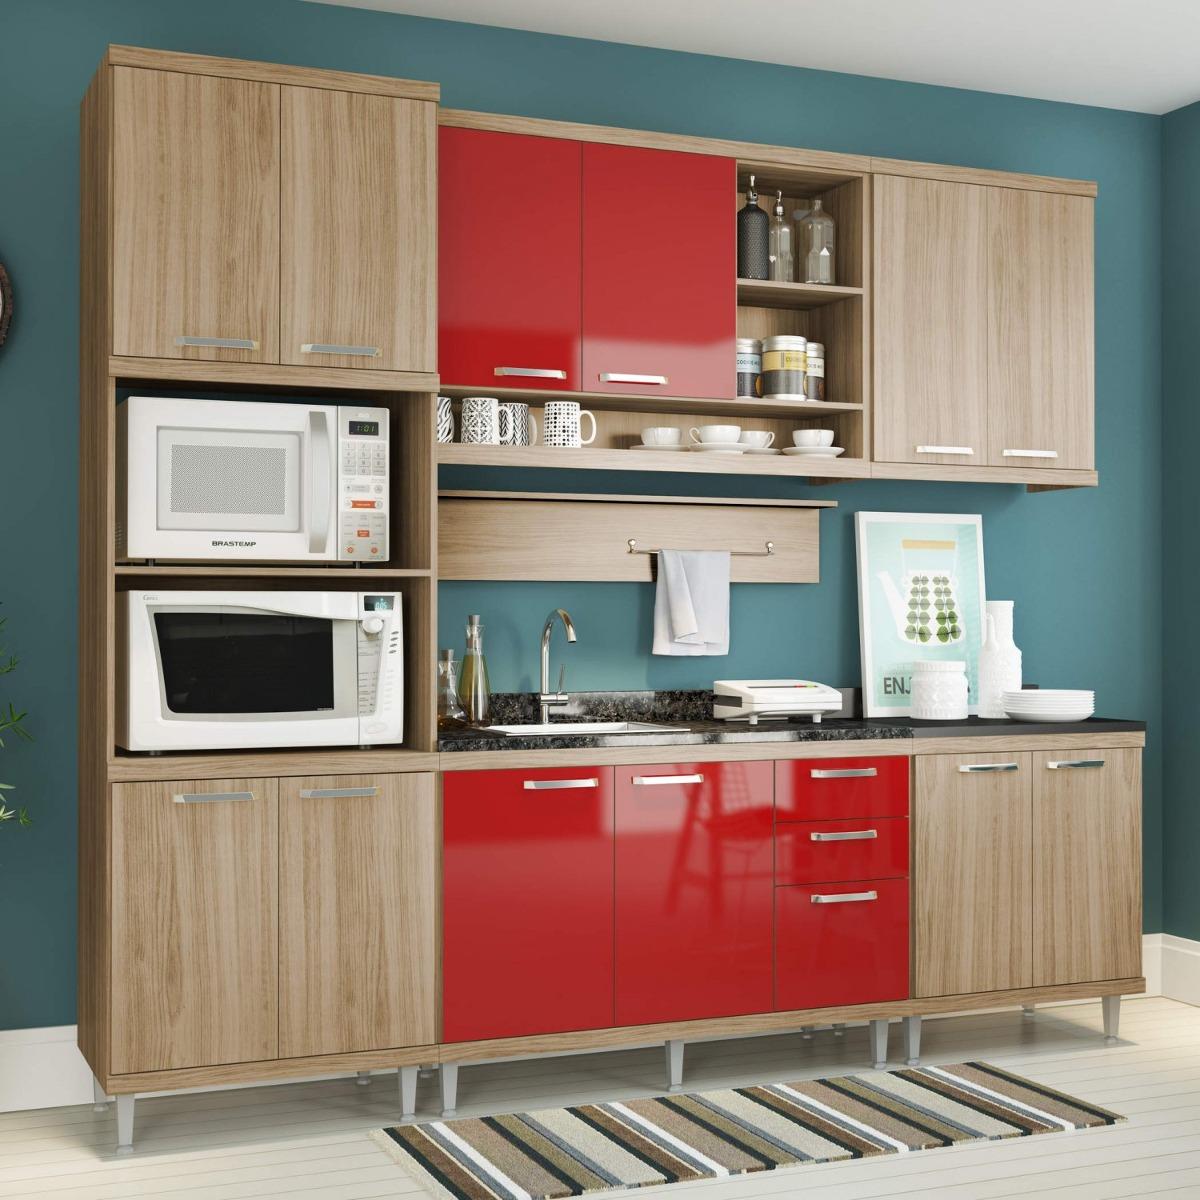 Cozinha Completa Com Balc O Sem Tampo 6 Pe As 12 Ii R 1 939 90 Em